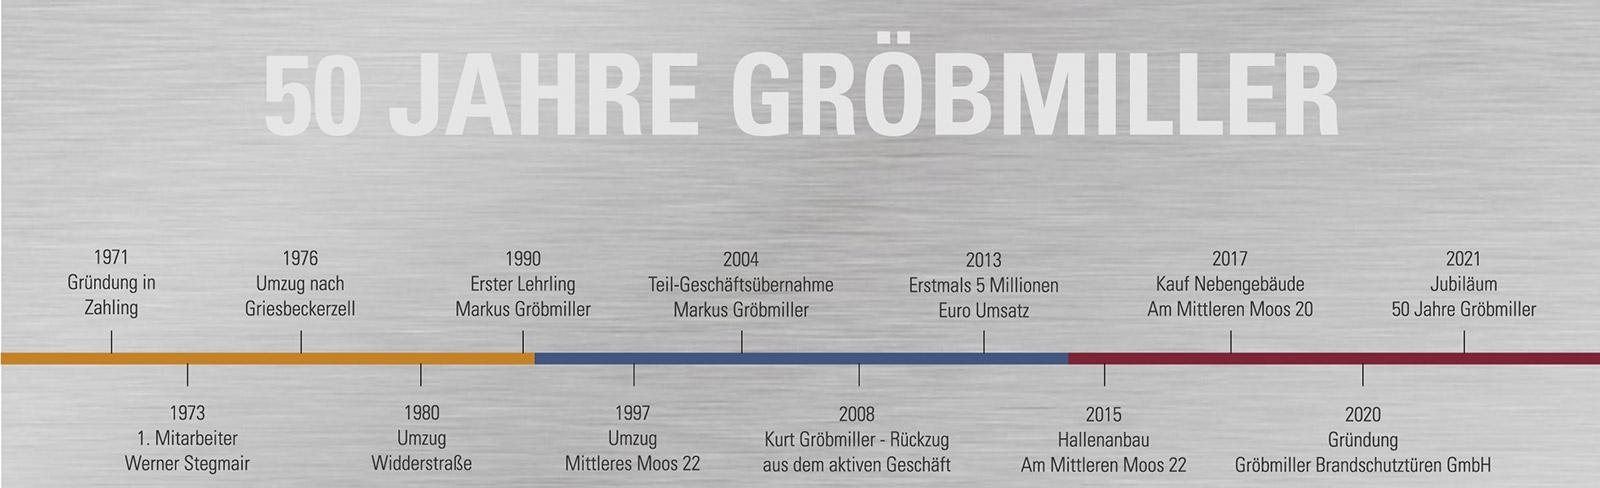 50 Jahre Gröbmiller GmbH & Co KG